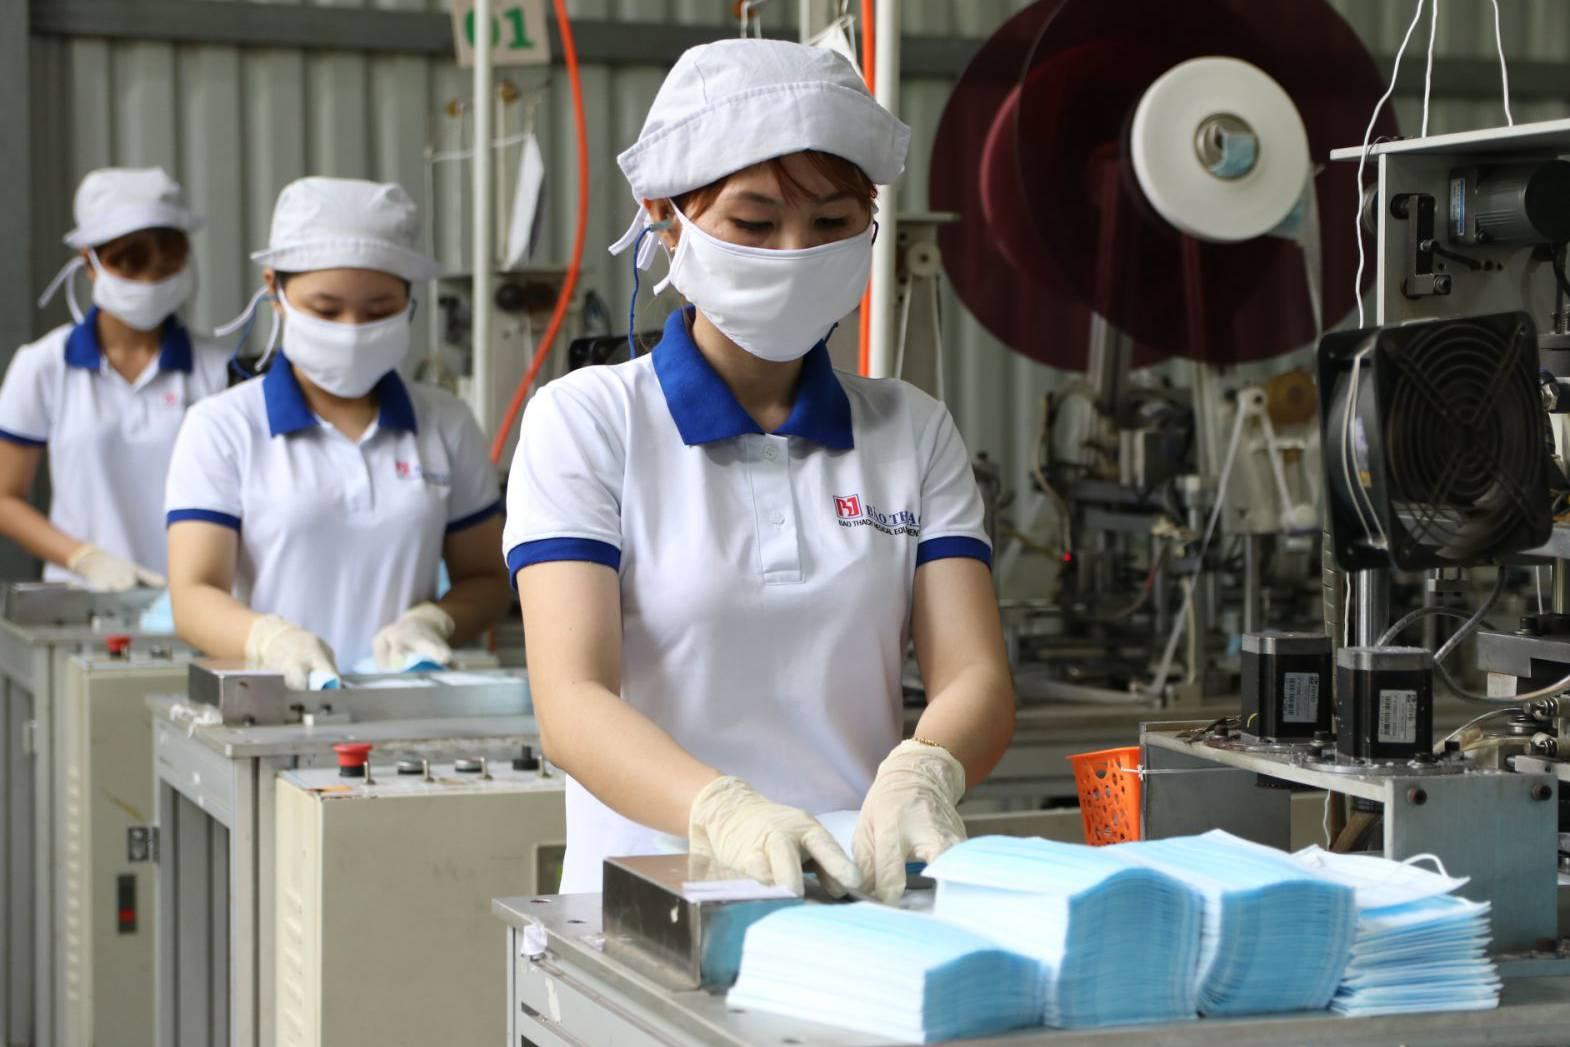 Danh sách nơi sản xuất khẩu trang y tế, nước rửa tay sát khuẩn, kèm số điện thoại